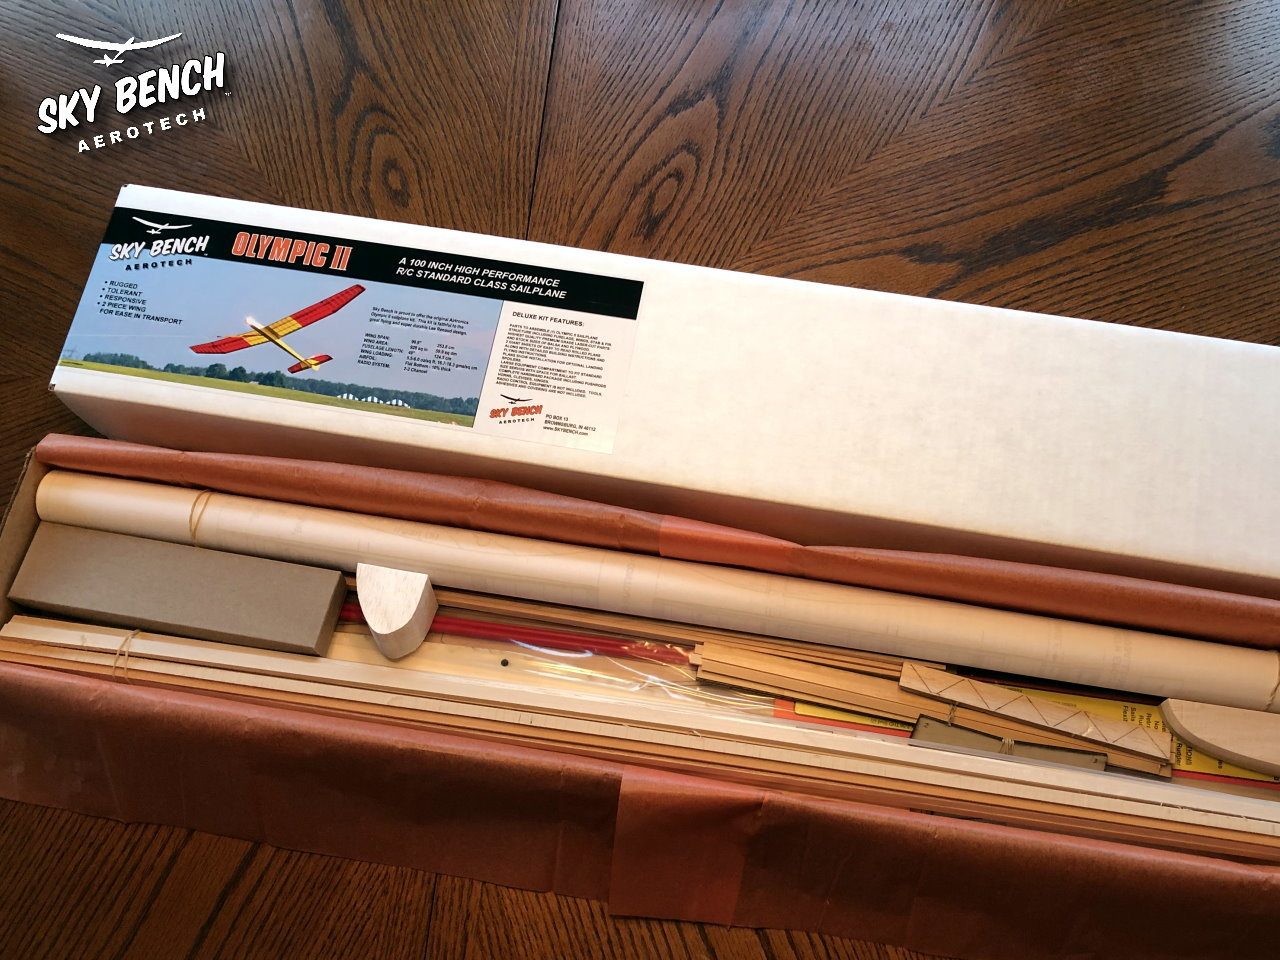 Olympic II Sky Bench Aerotech